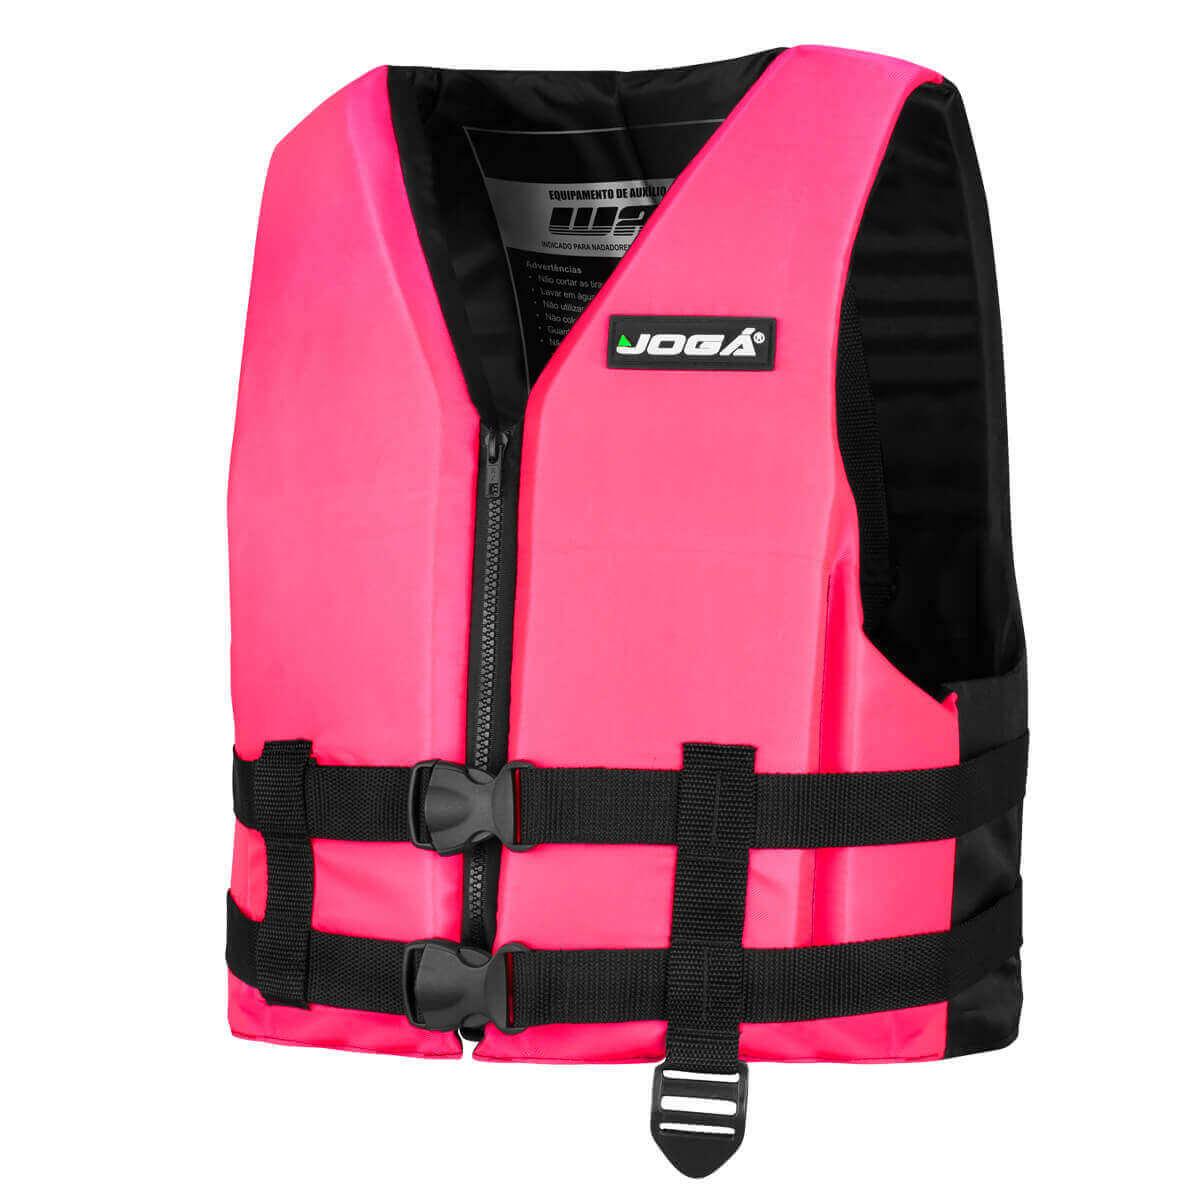 Colete Salva Vidas Jogá Wave 90Kg Rosa  - Pró Pesca Shop